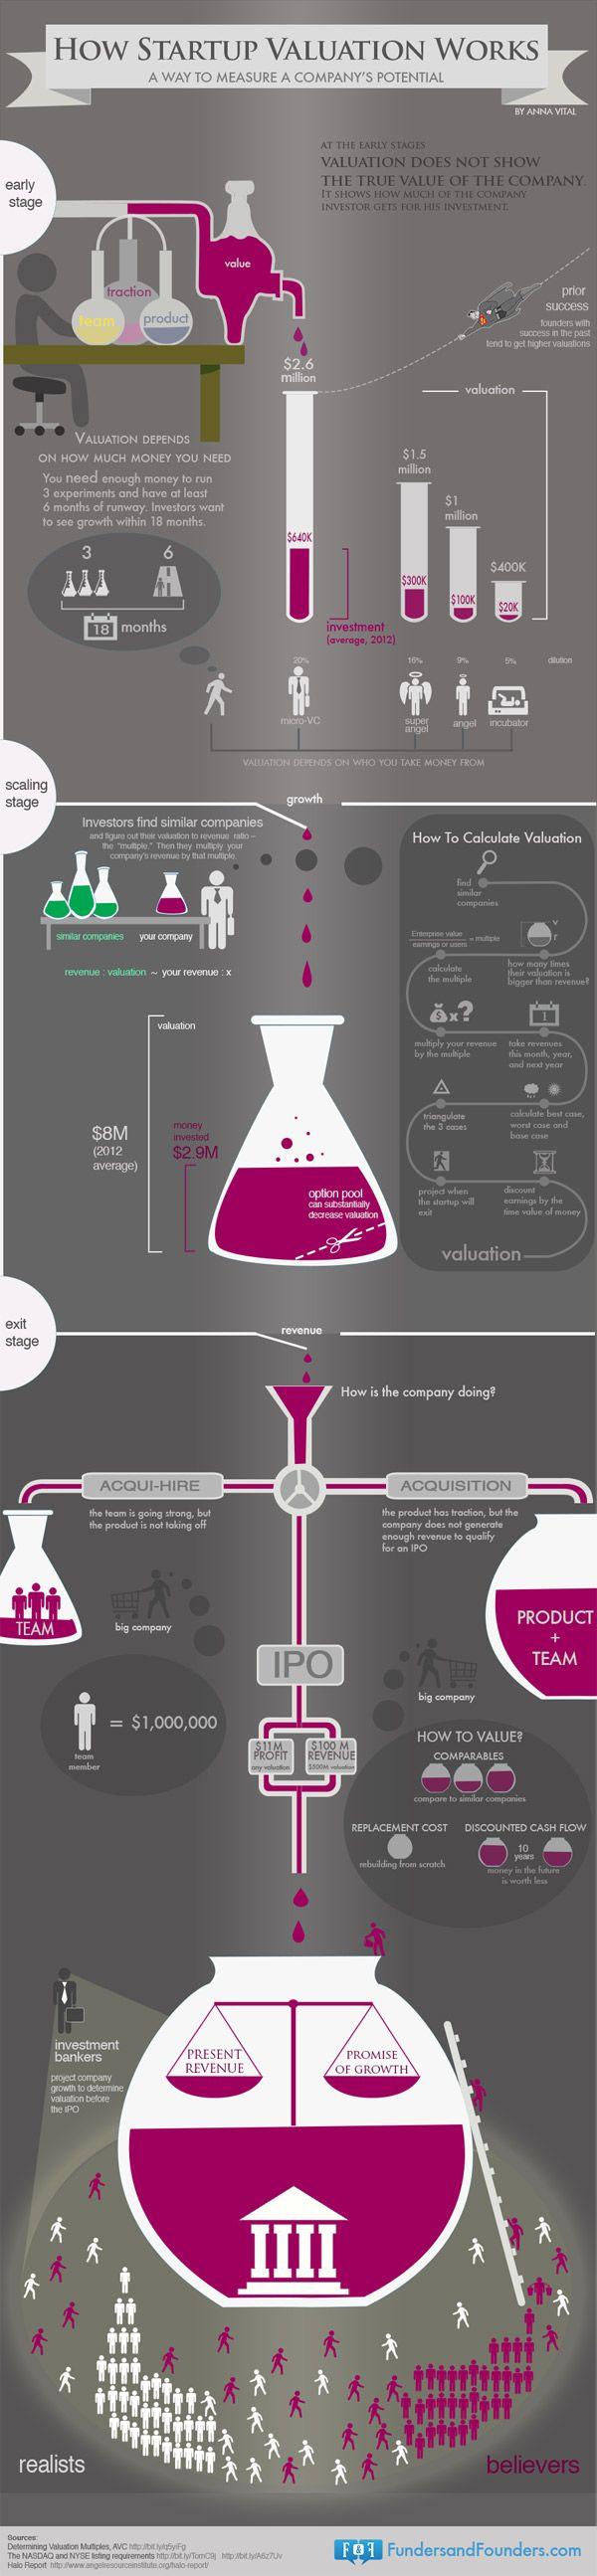 Infográfico: Como calcular o valuation de uma startup